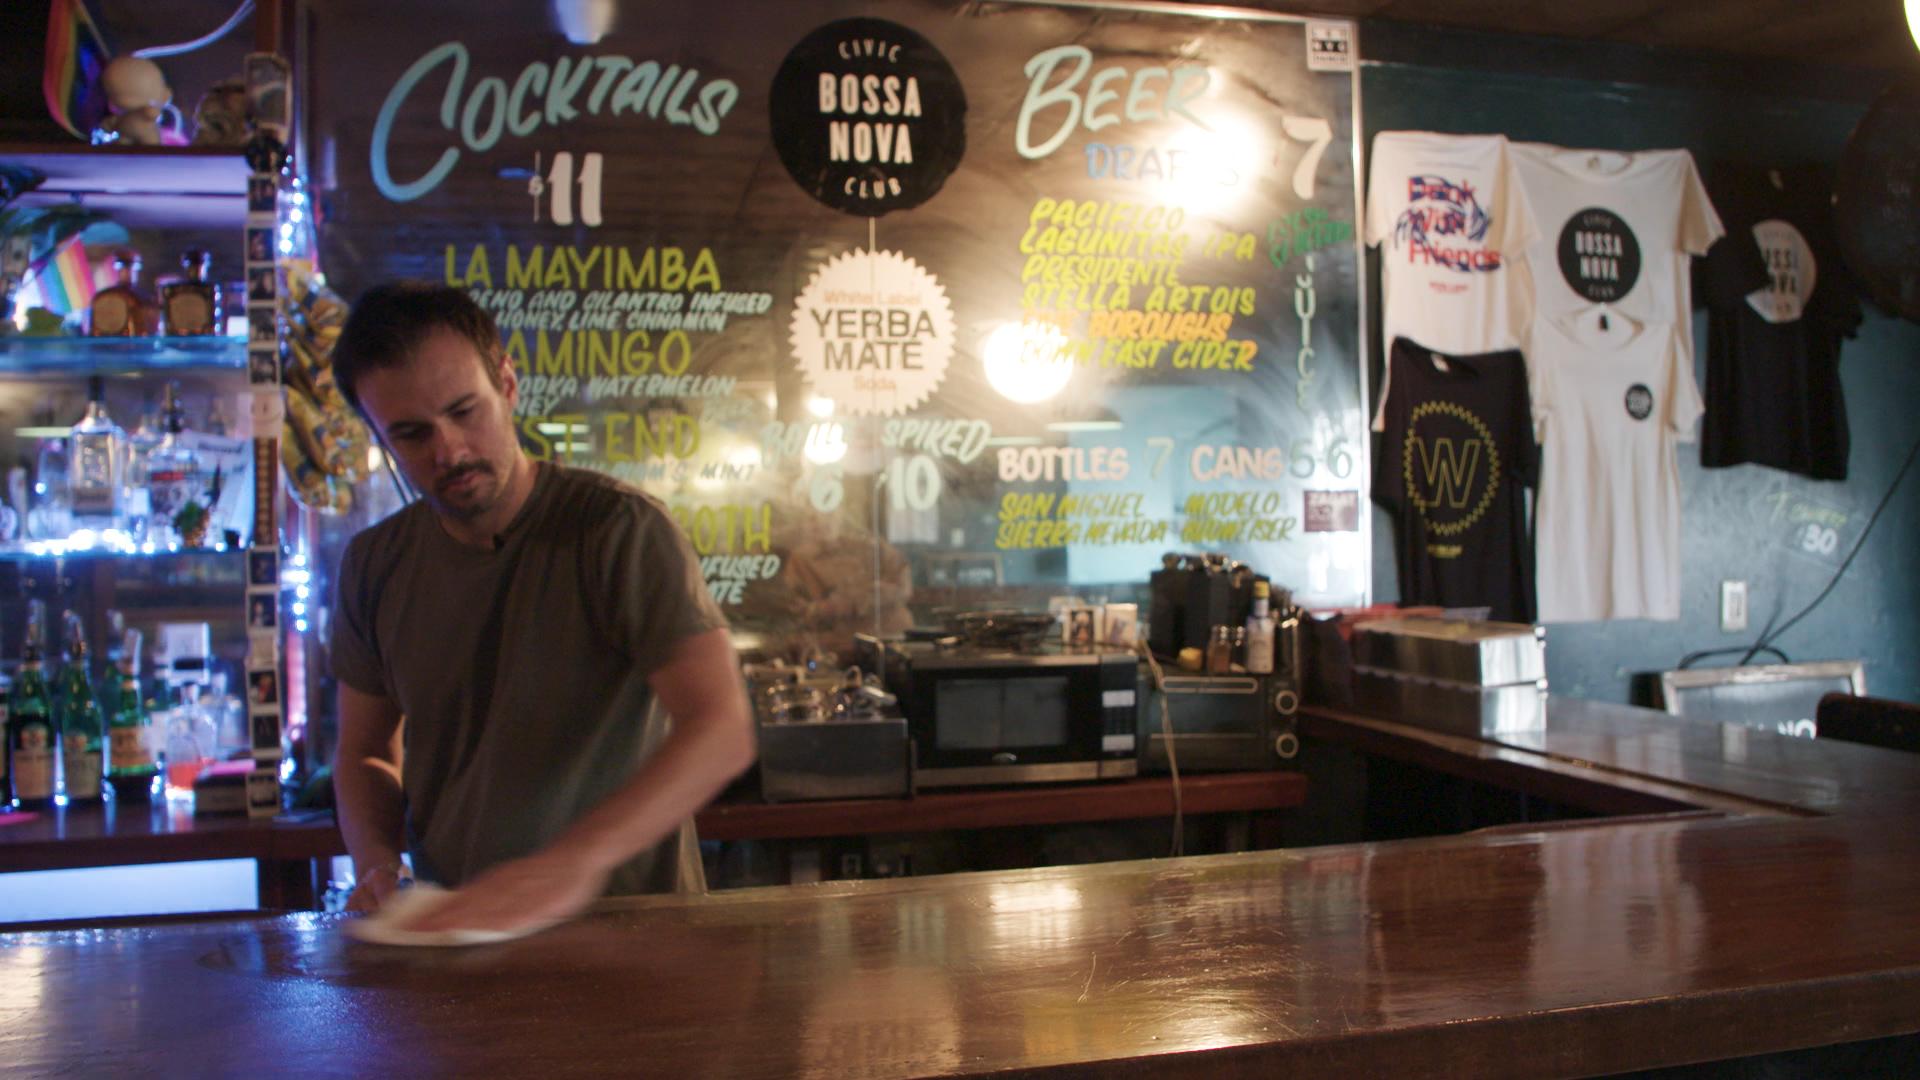 Coronavirus is crushing New York City's bar scene and its workers